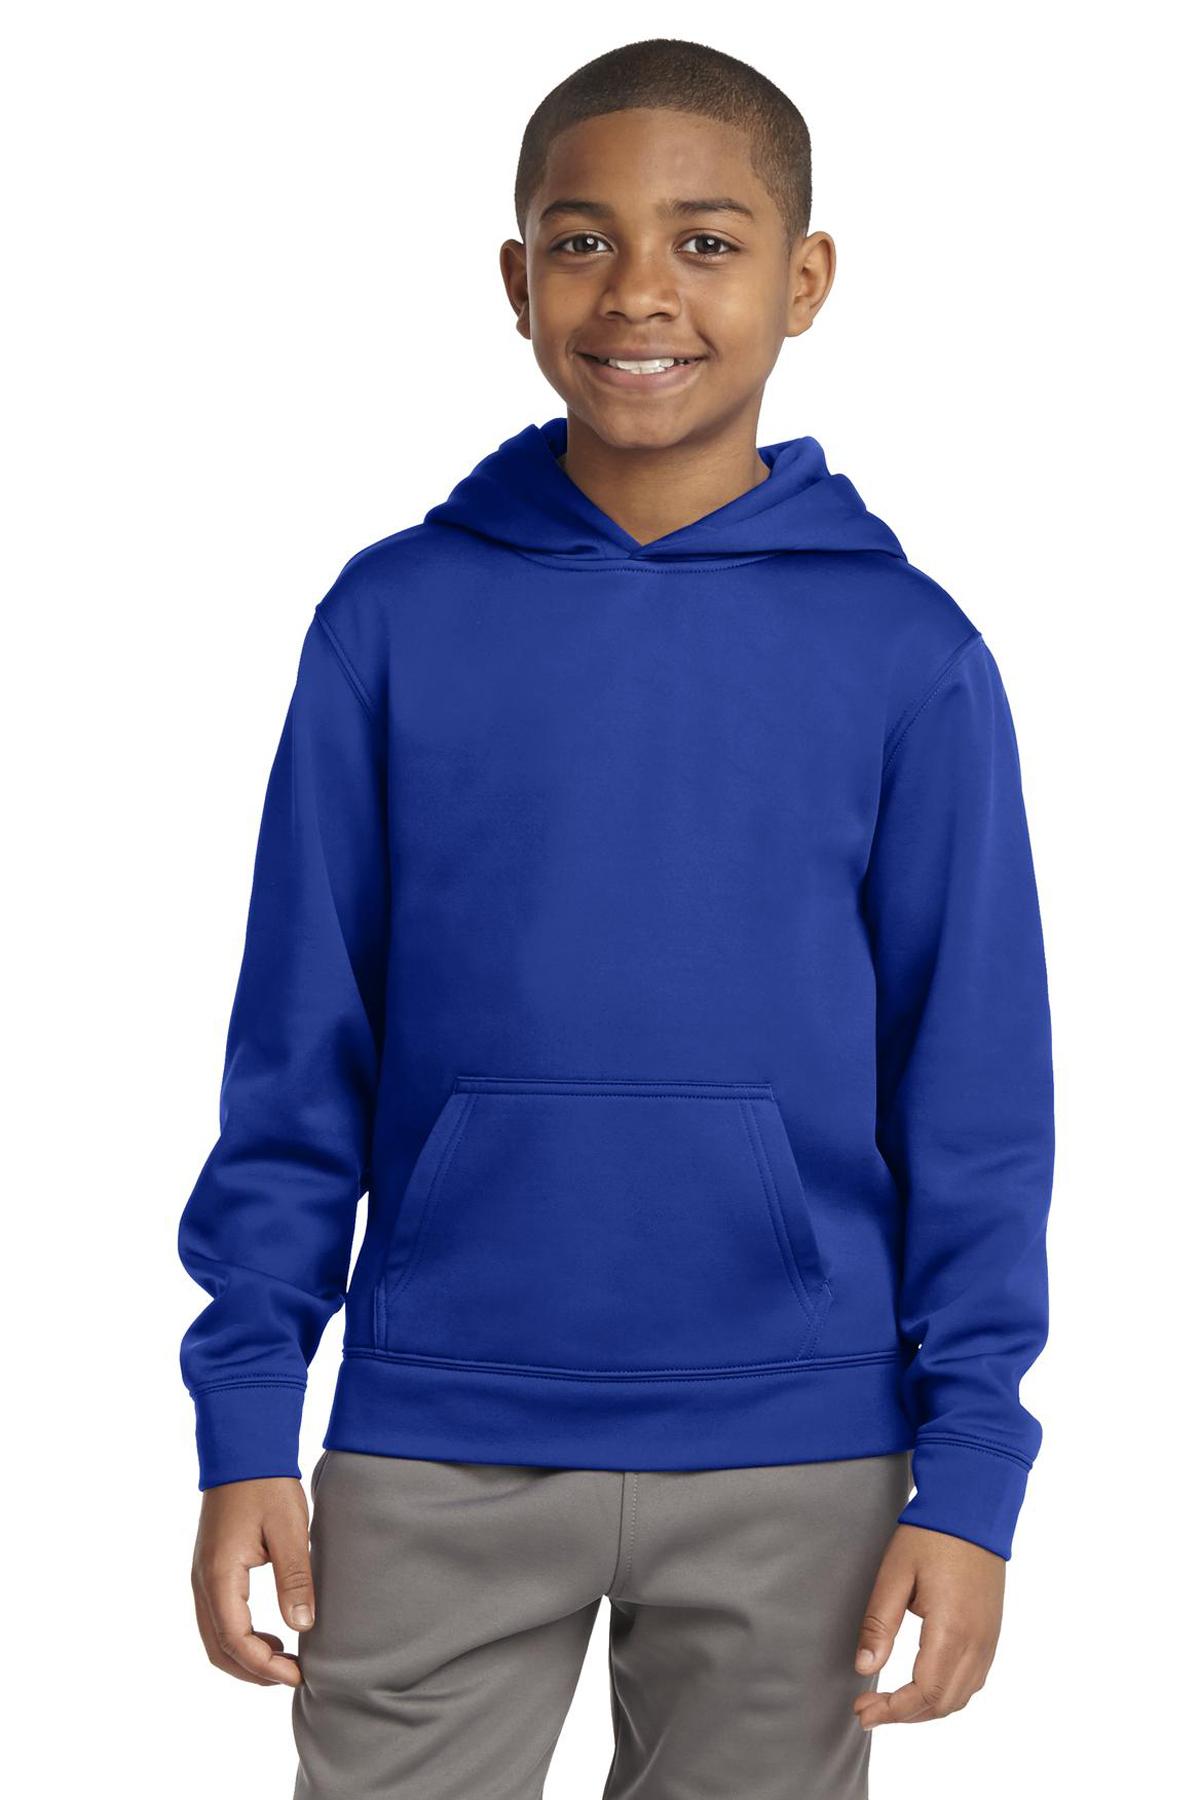 Sweatshirts-Fleece-Hooded-69